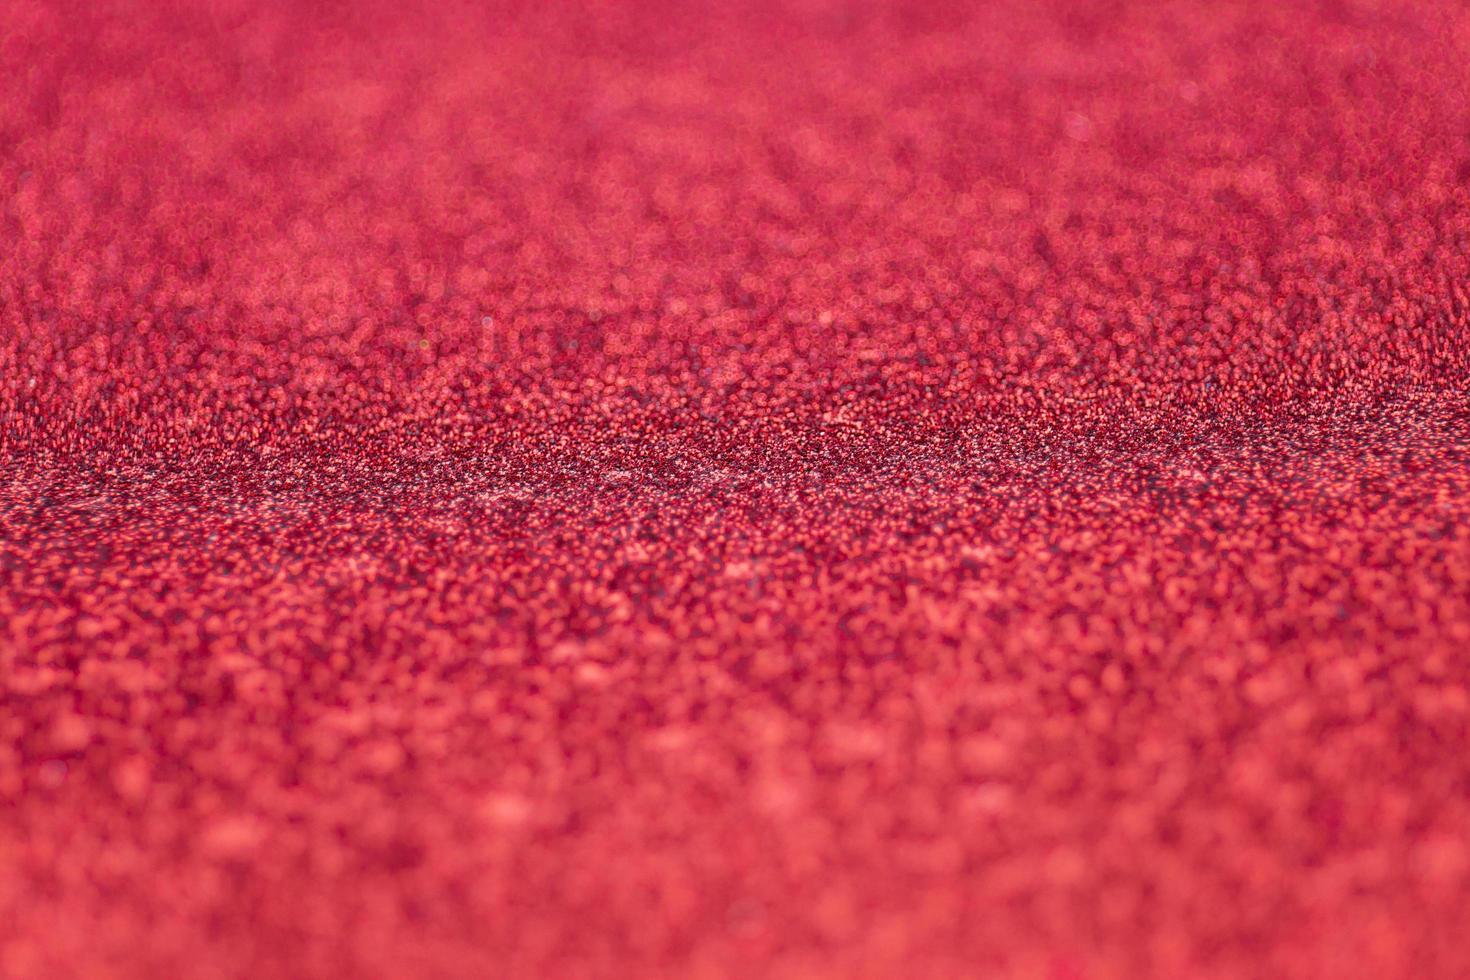 mise au point sélective sur du papier pailleté rouge texturé avec une fine profondeur de champ photo